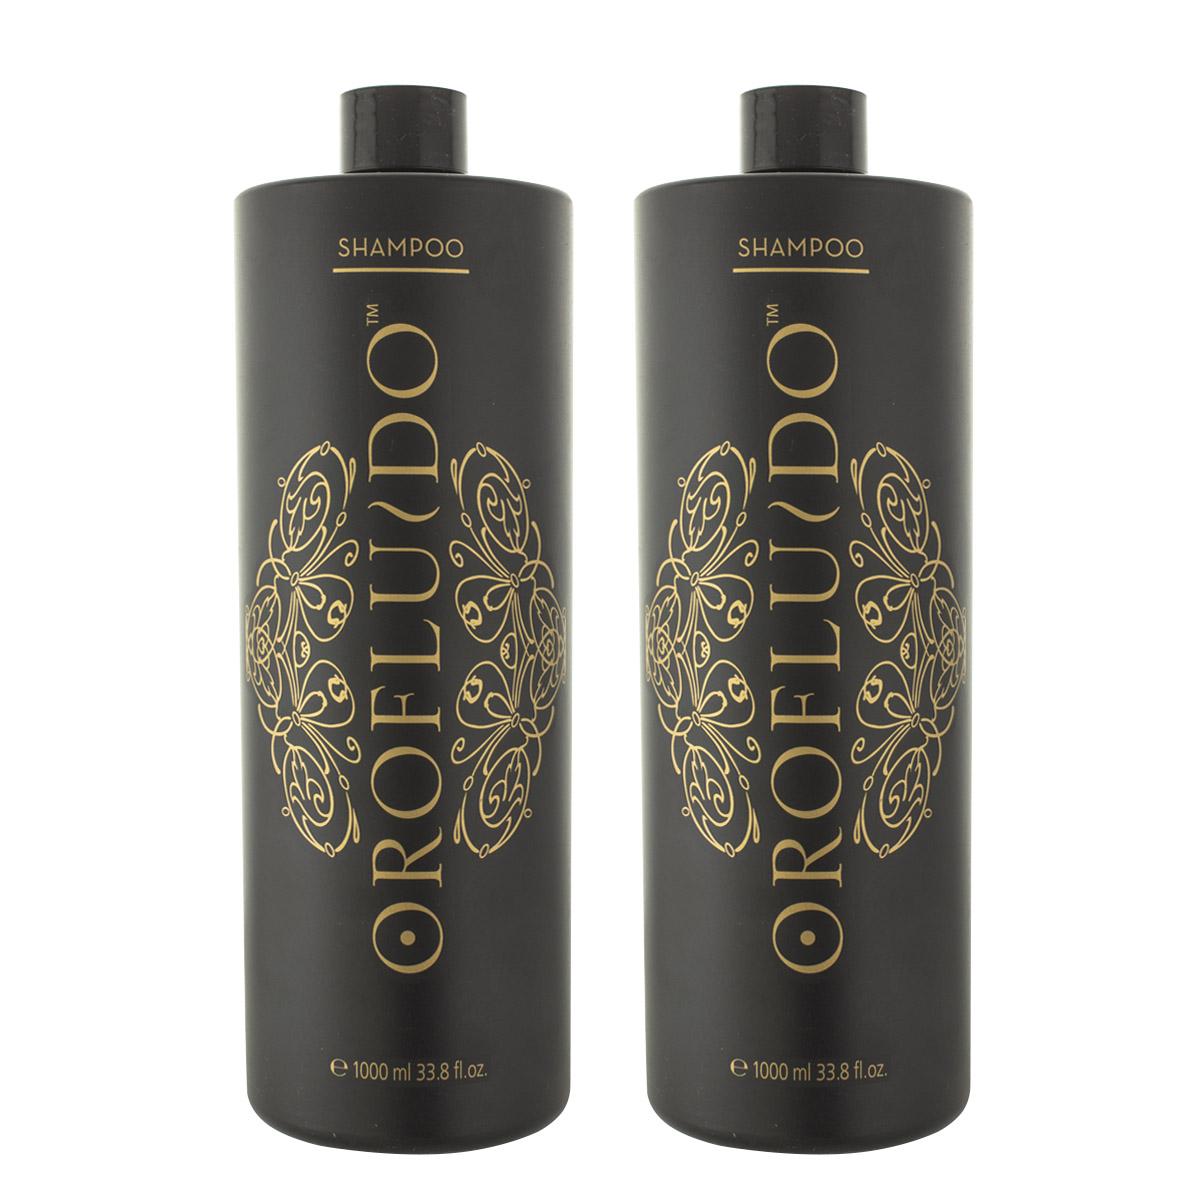 Orofluido Shampoo 2 x 1000 ml